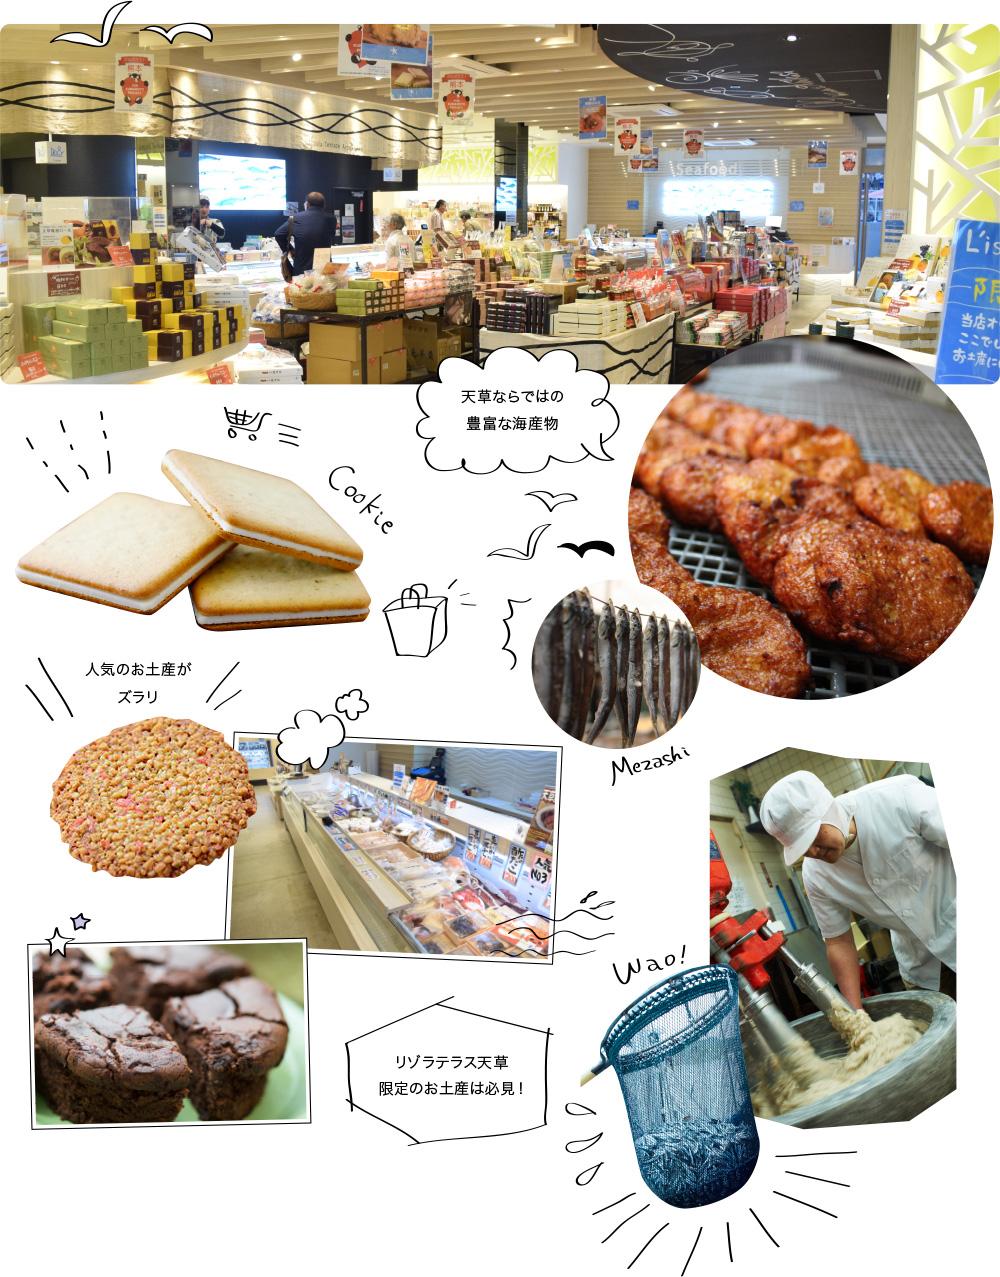 リゾラマーケットのイメージ写真